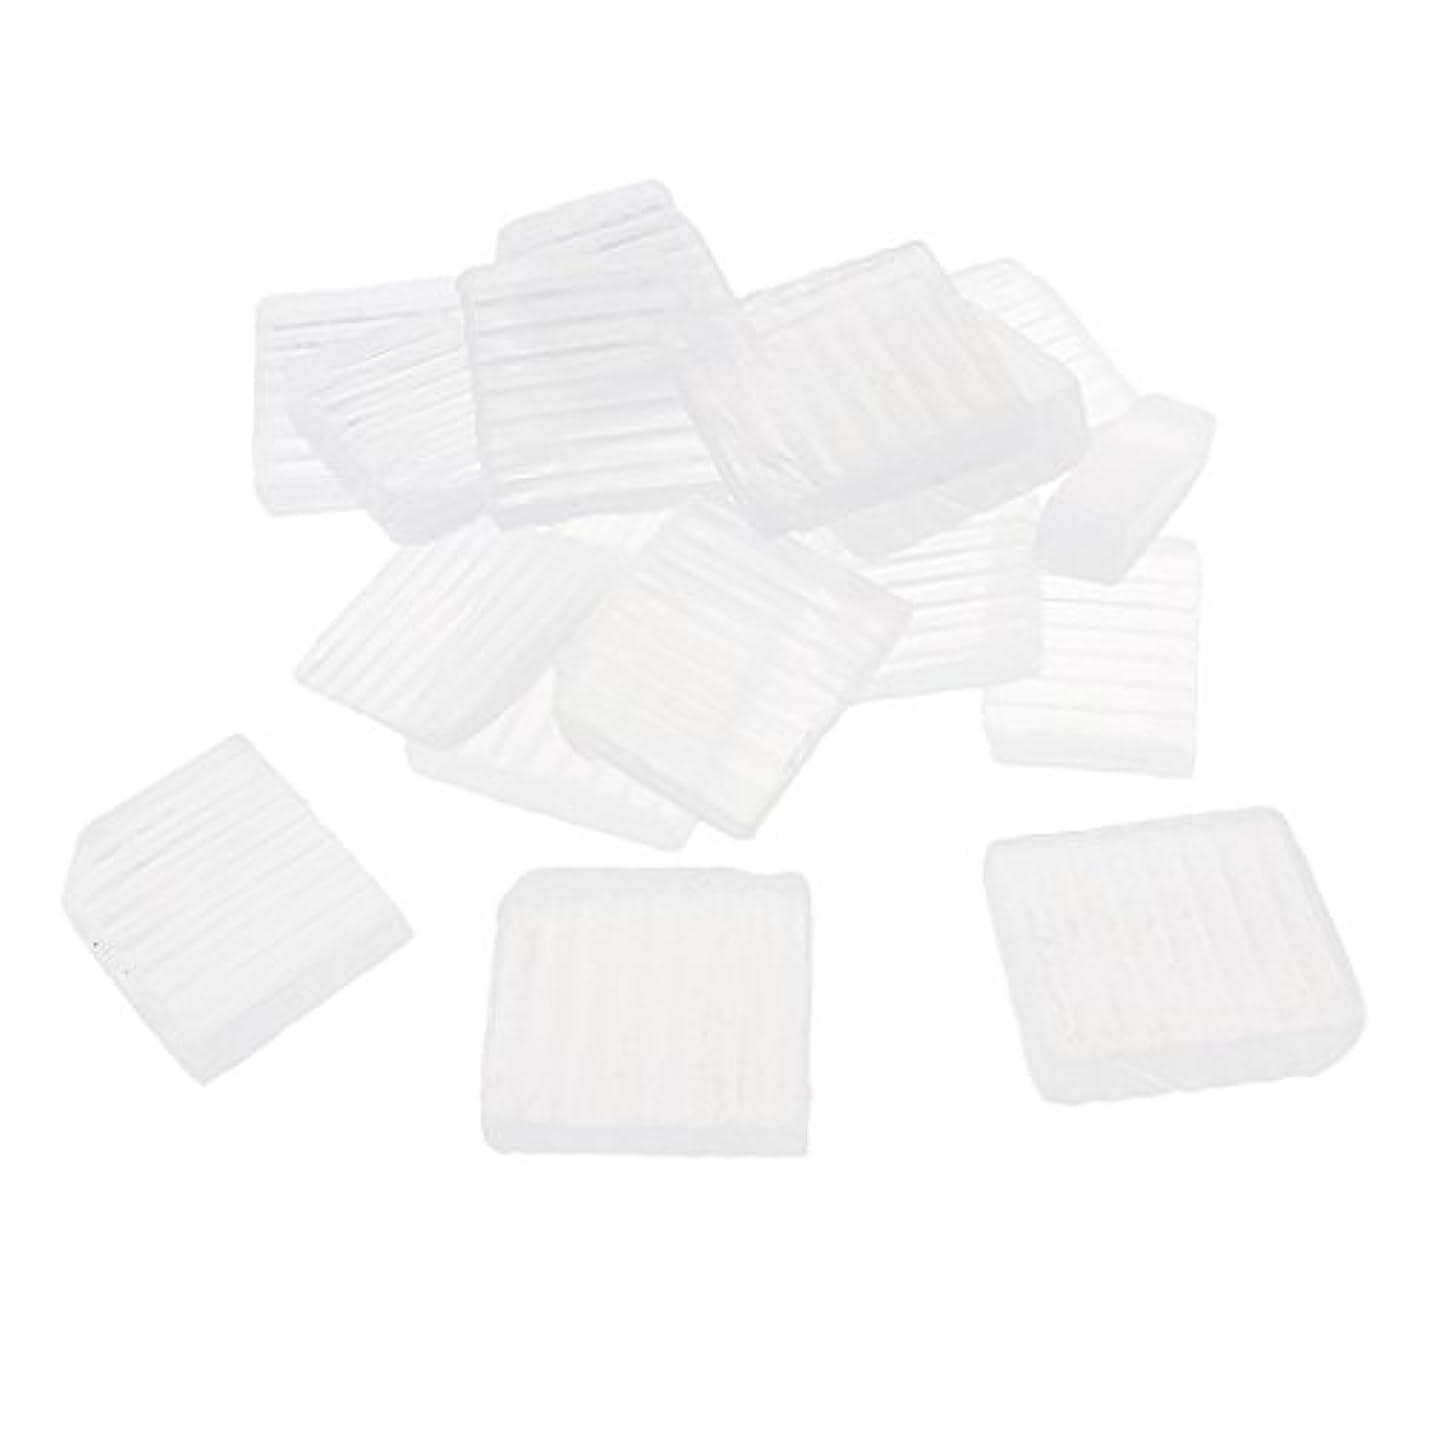 辞任天井くぼみHellery 石鹸ベース DIY 石鹸作り プアソープベース 石鹸クラフト 手作り 約1 KG